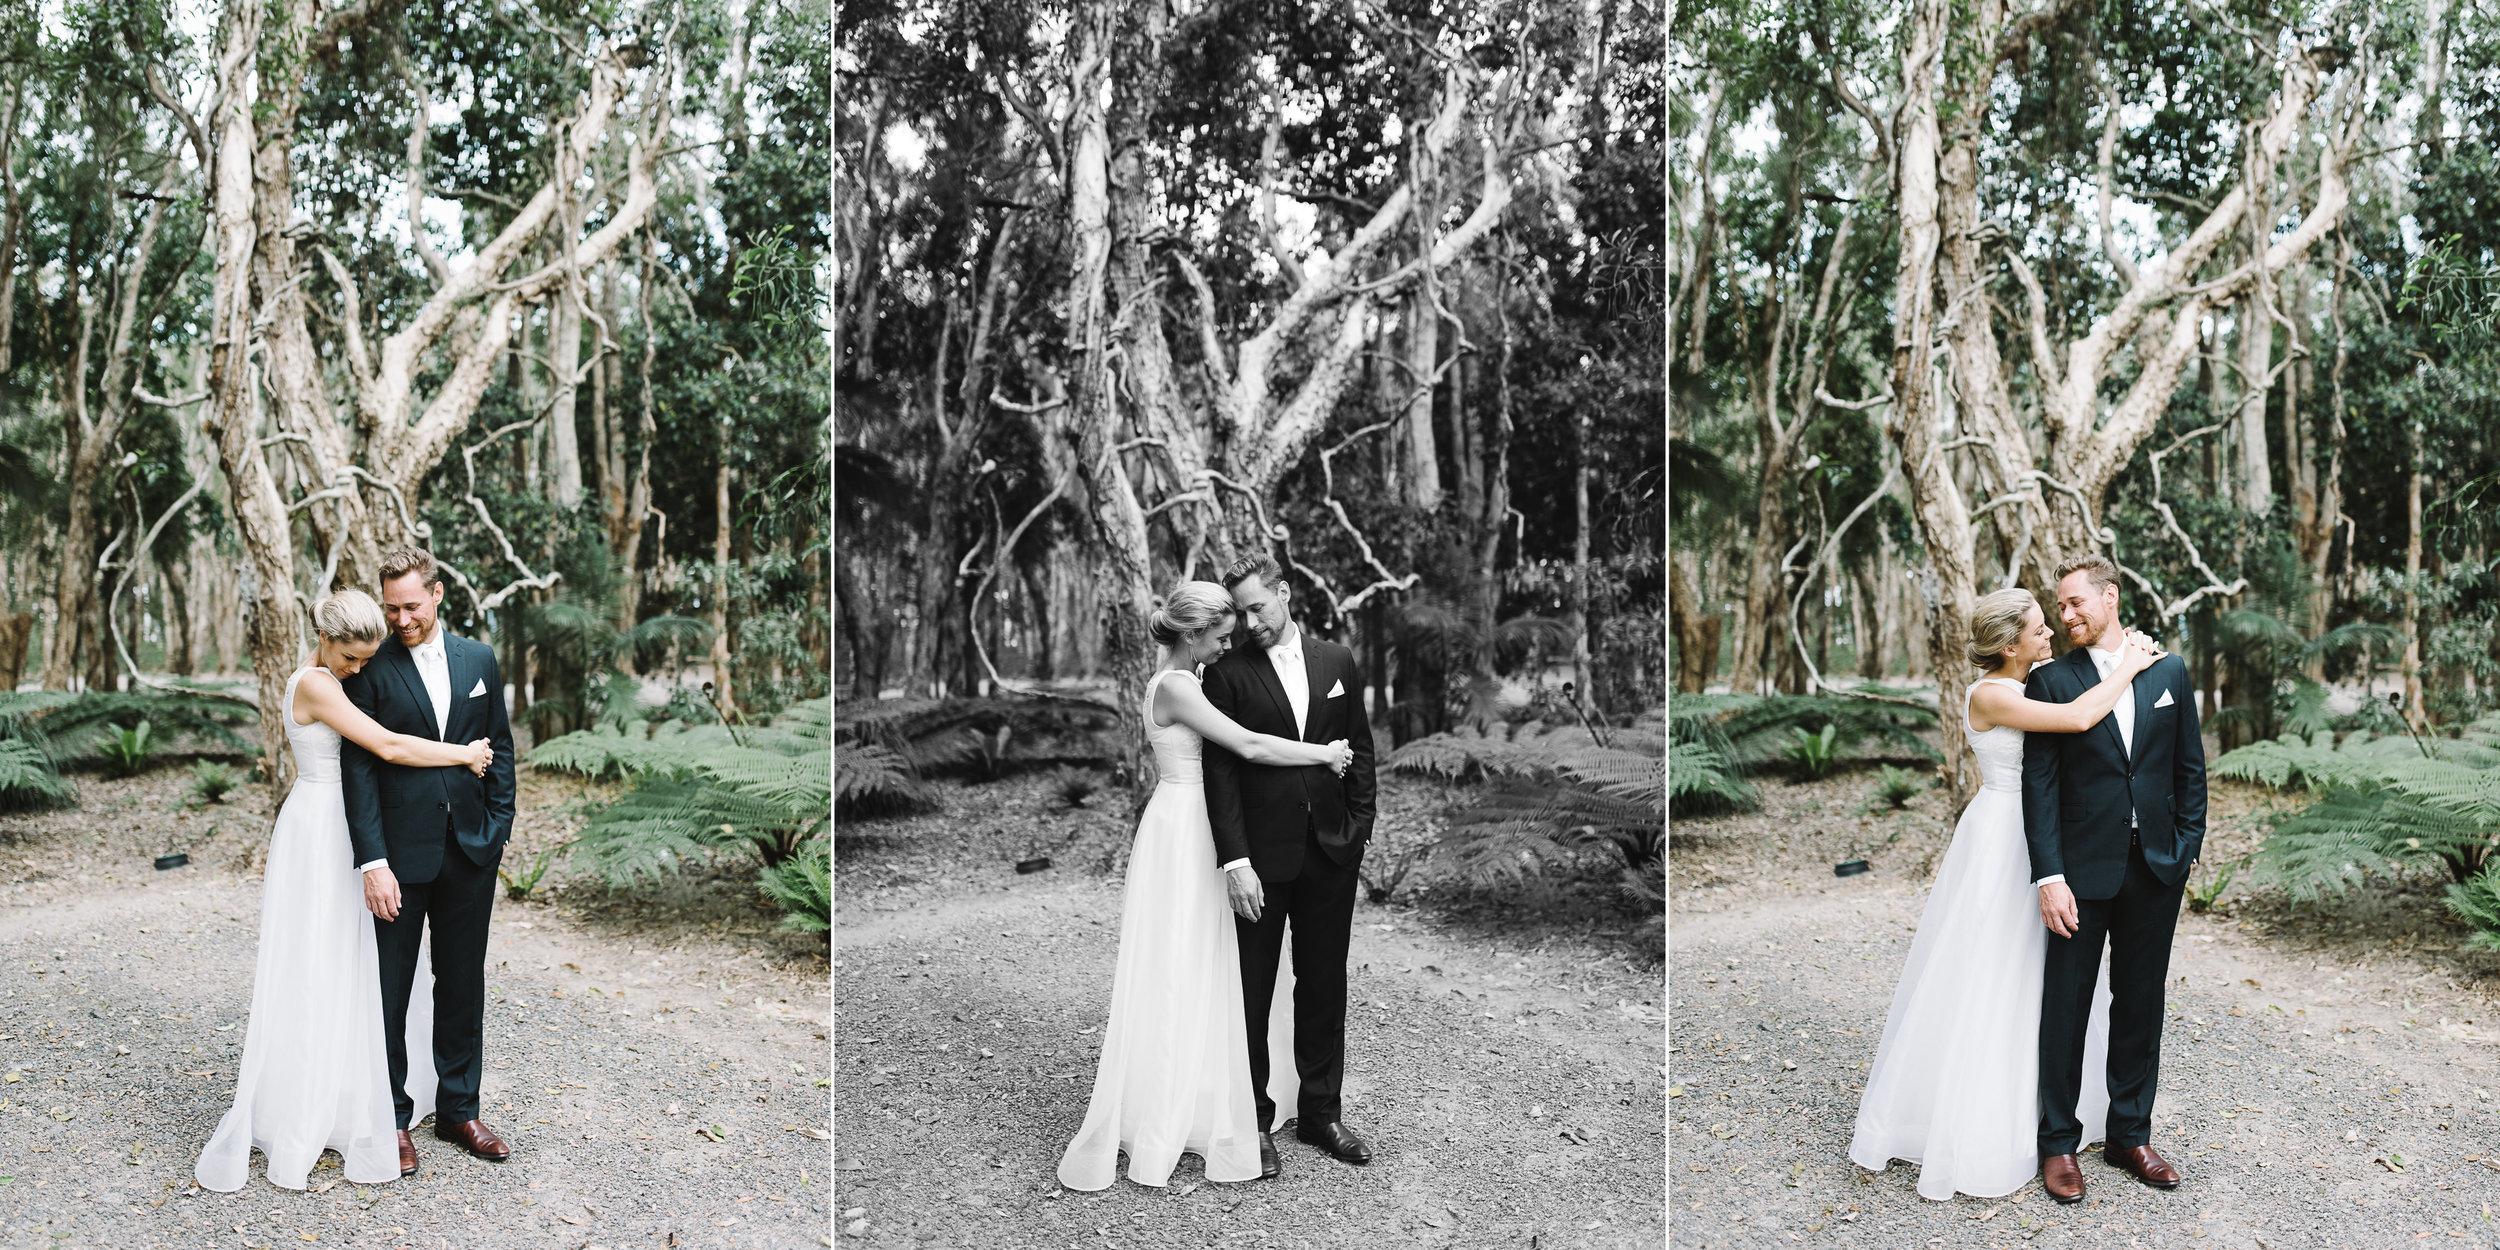 wedding-photography-brisbane-sandstone-point-hotel-bribie-island-23.jpg